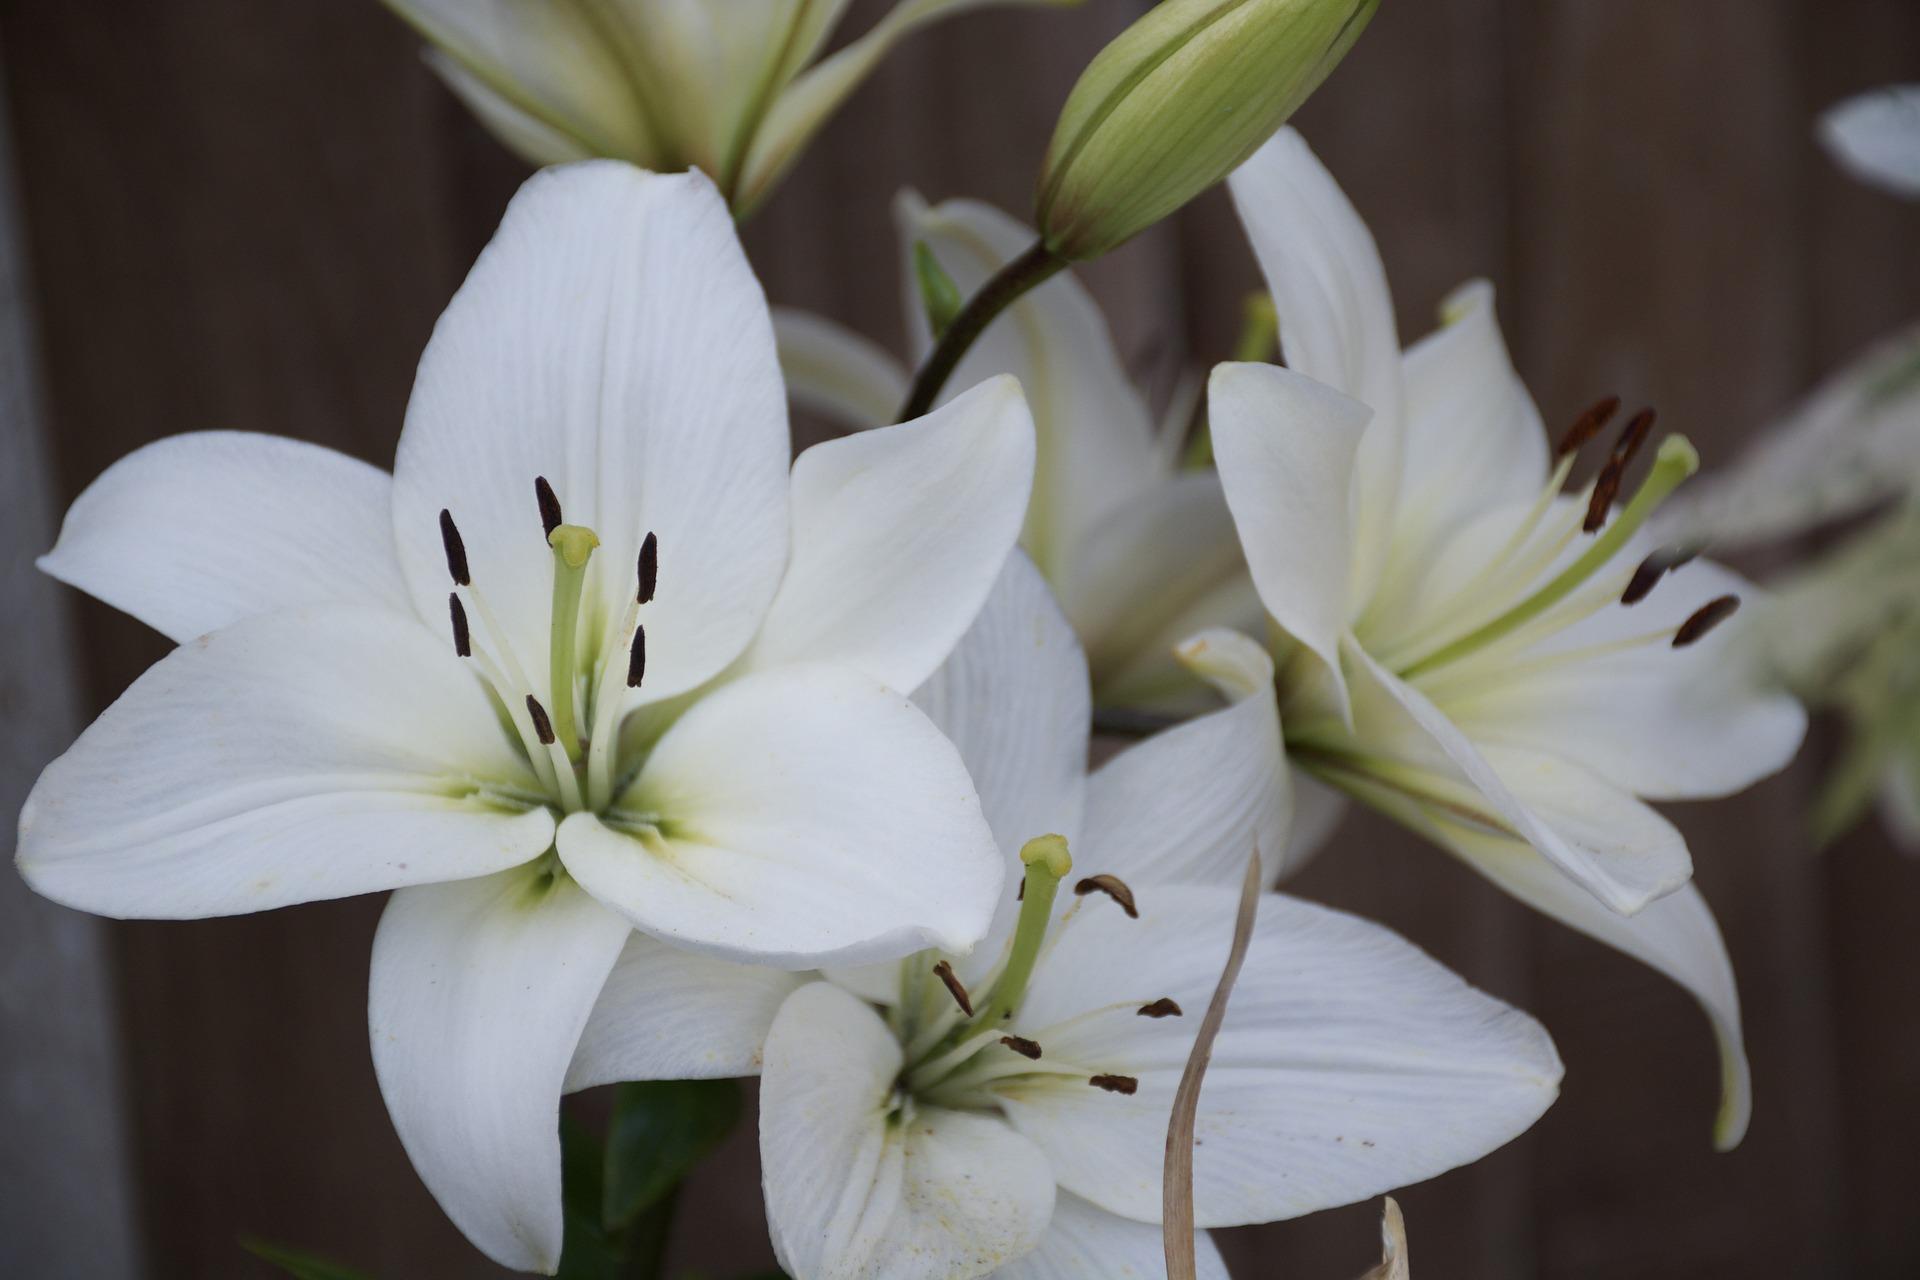 بالصور صور ورد ابيض اجمل صور ورود بيضاء متحركة صور زهور و ورد باللون الابيض . بوكيه للورود باللون الابيض 4563 5